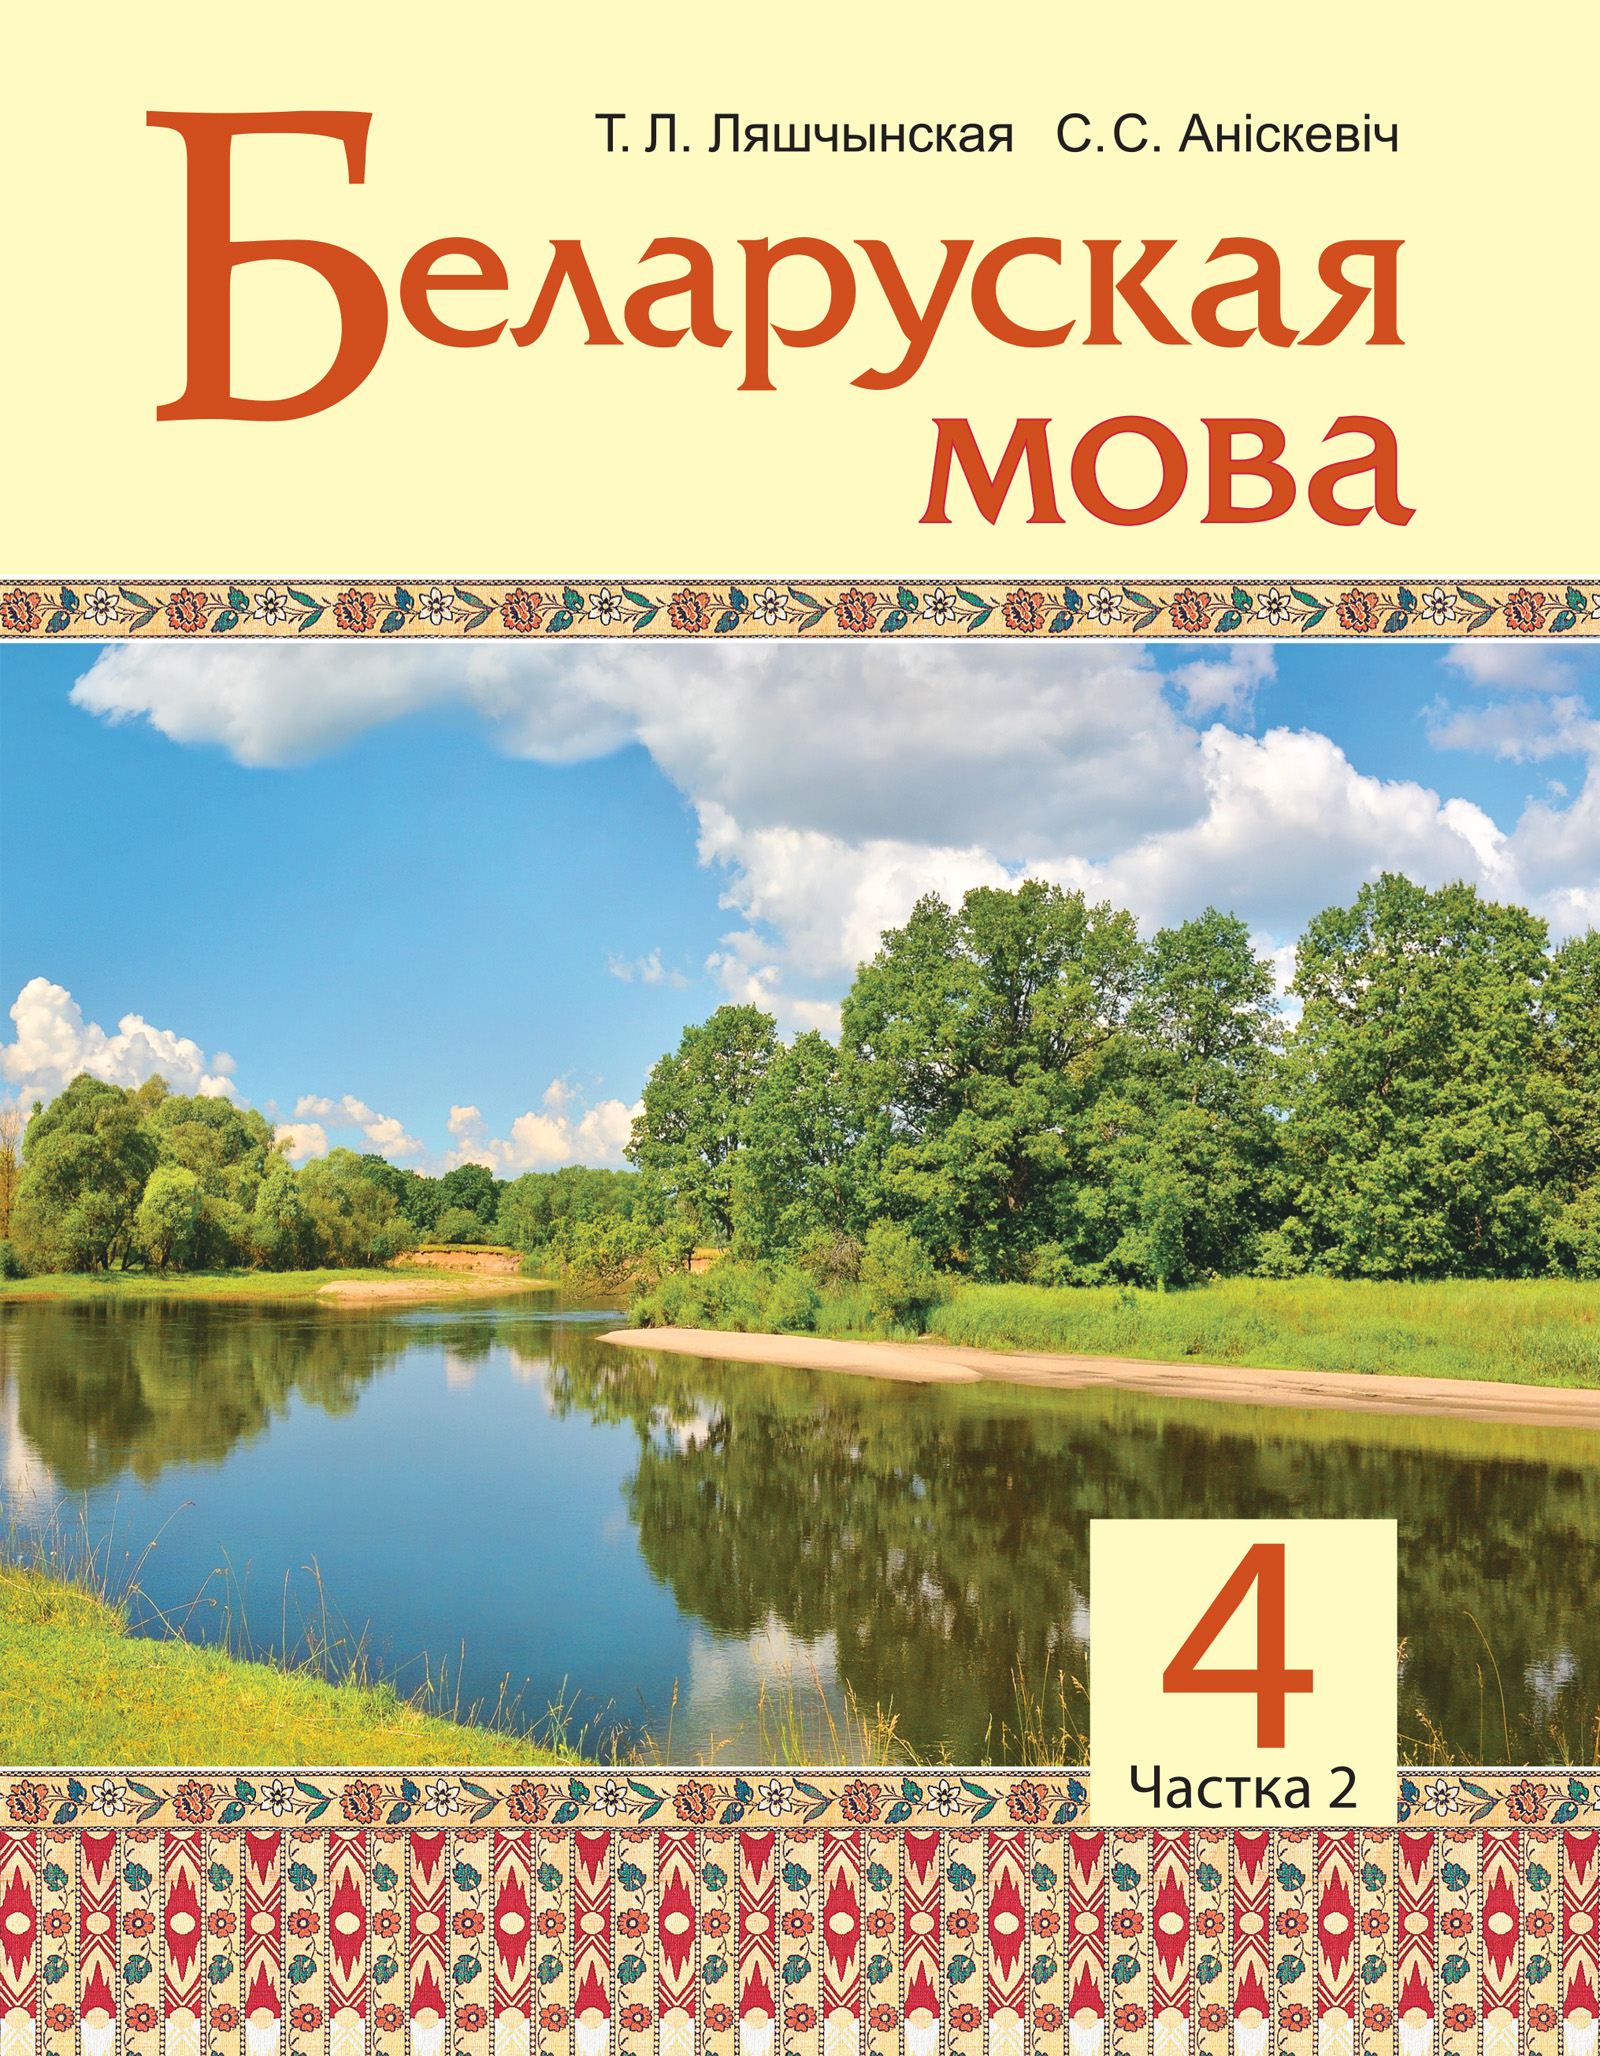 Беларуская мова, 4 клас. Частка 2